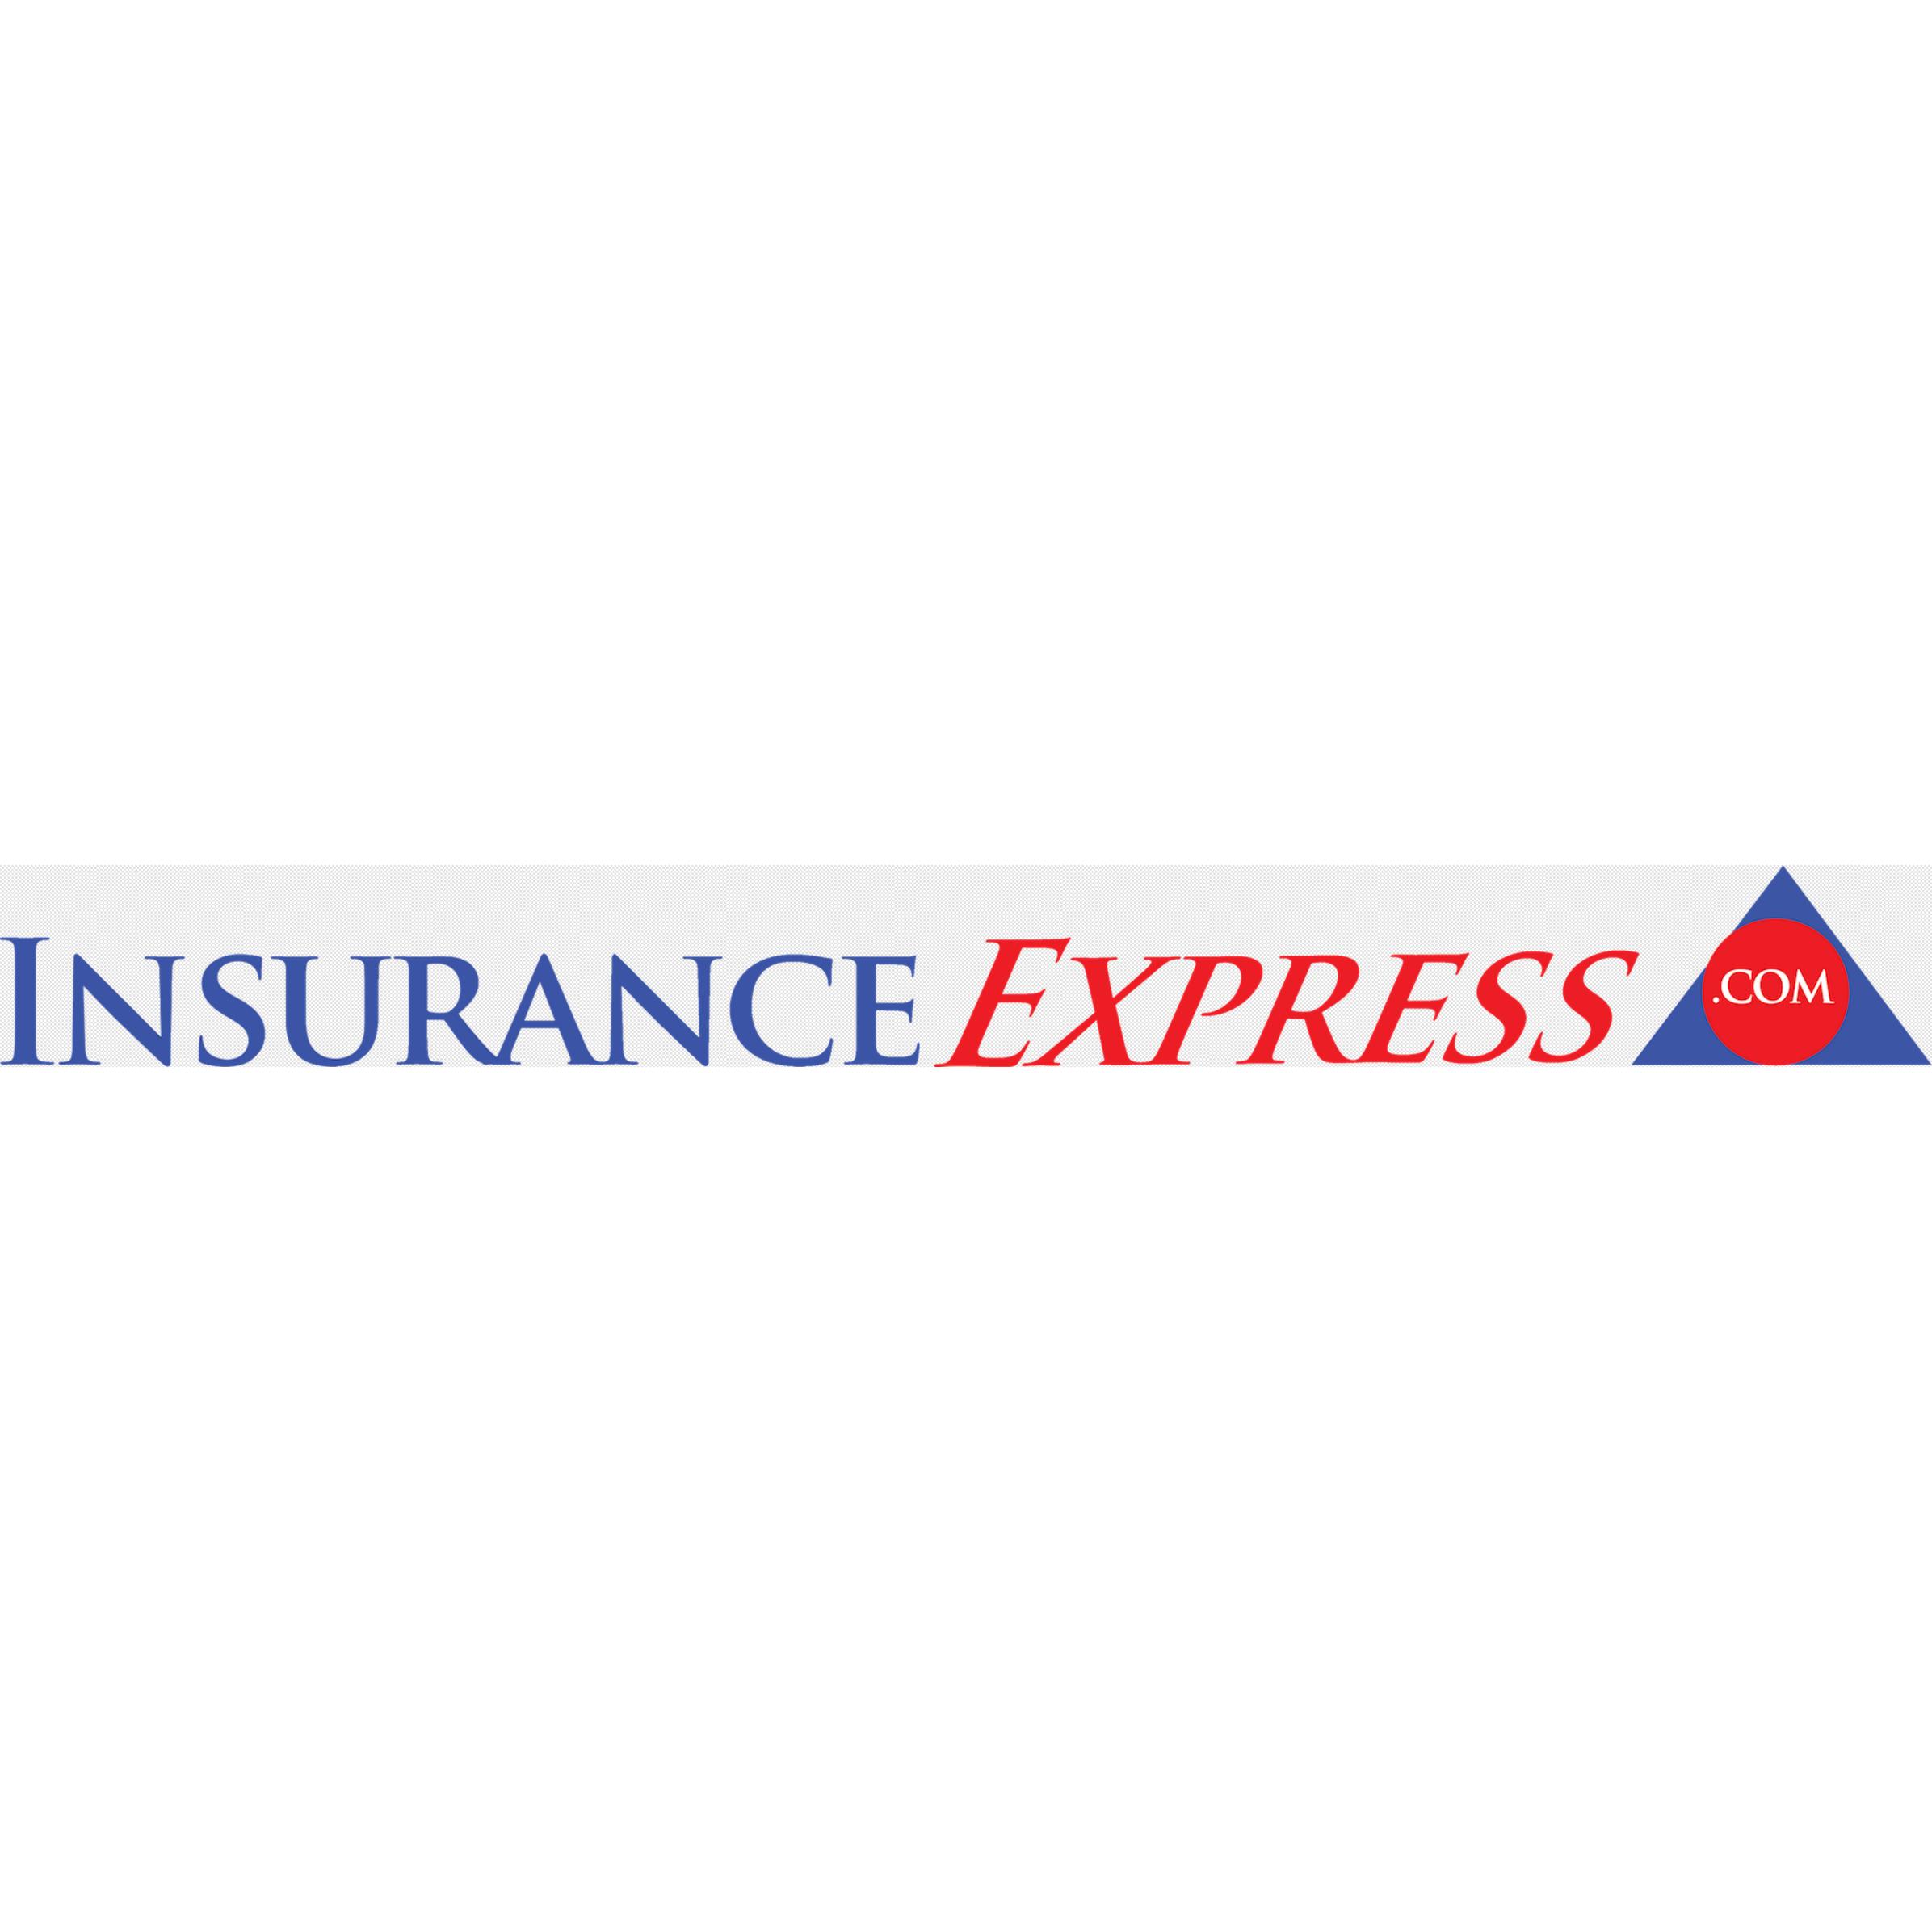 Insurance Express